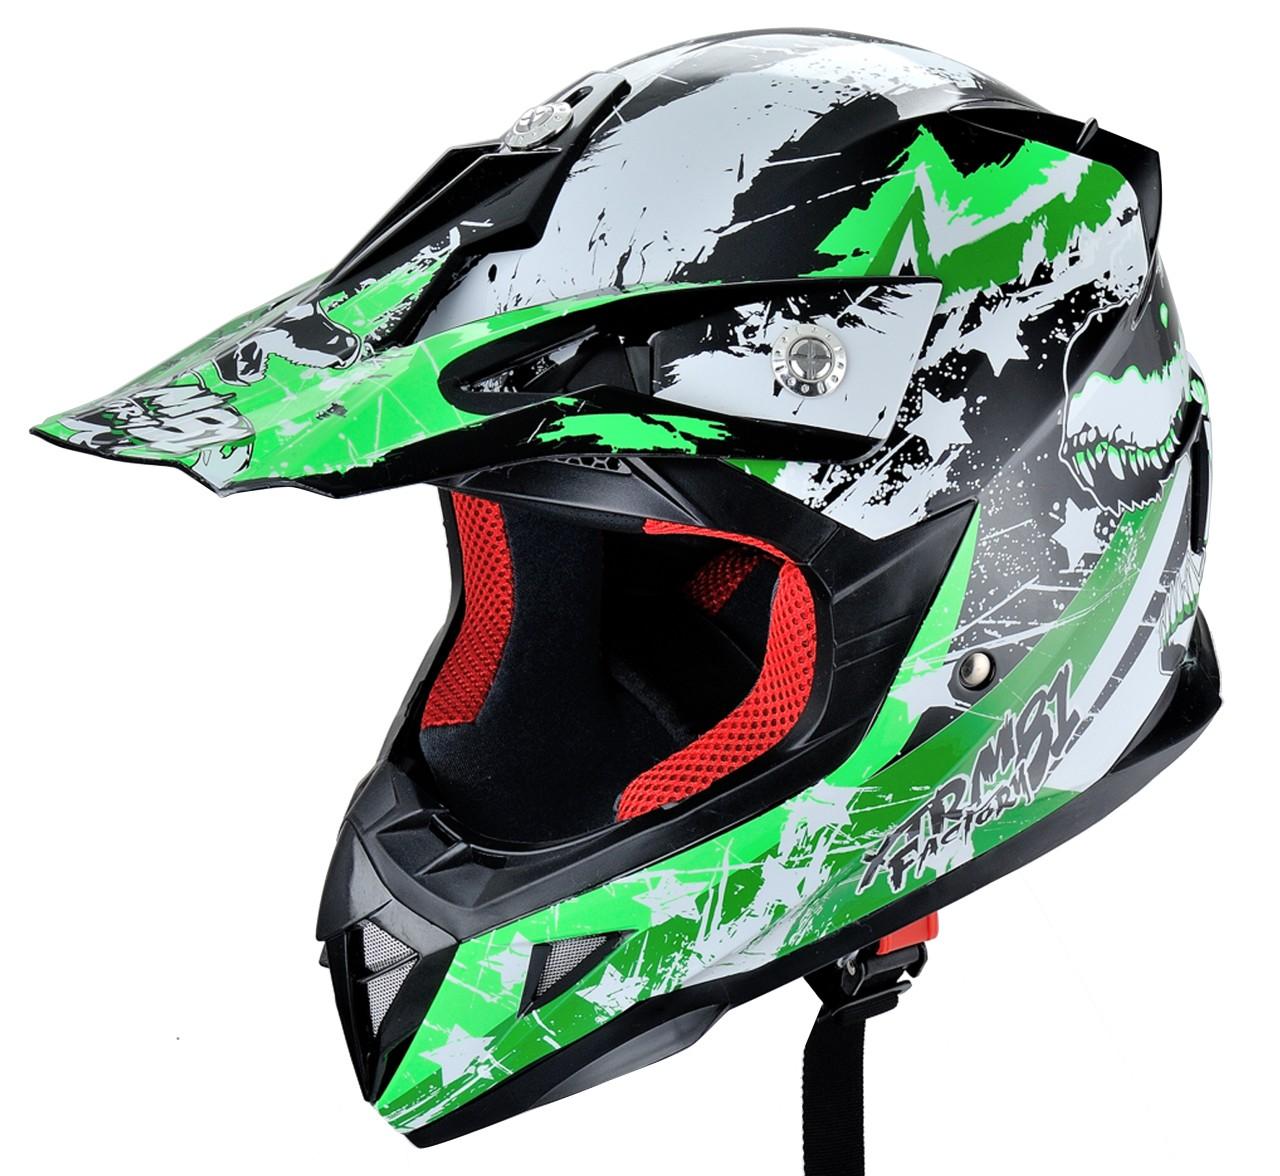 HECHT 54915 L - přilba pro čtyřkolku a motocykl